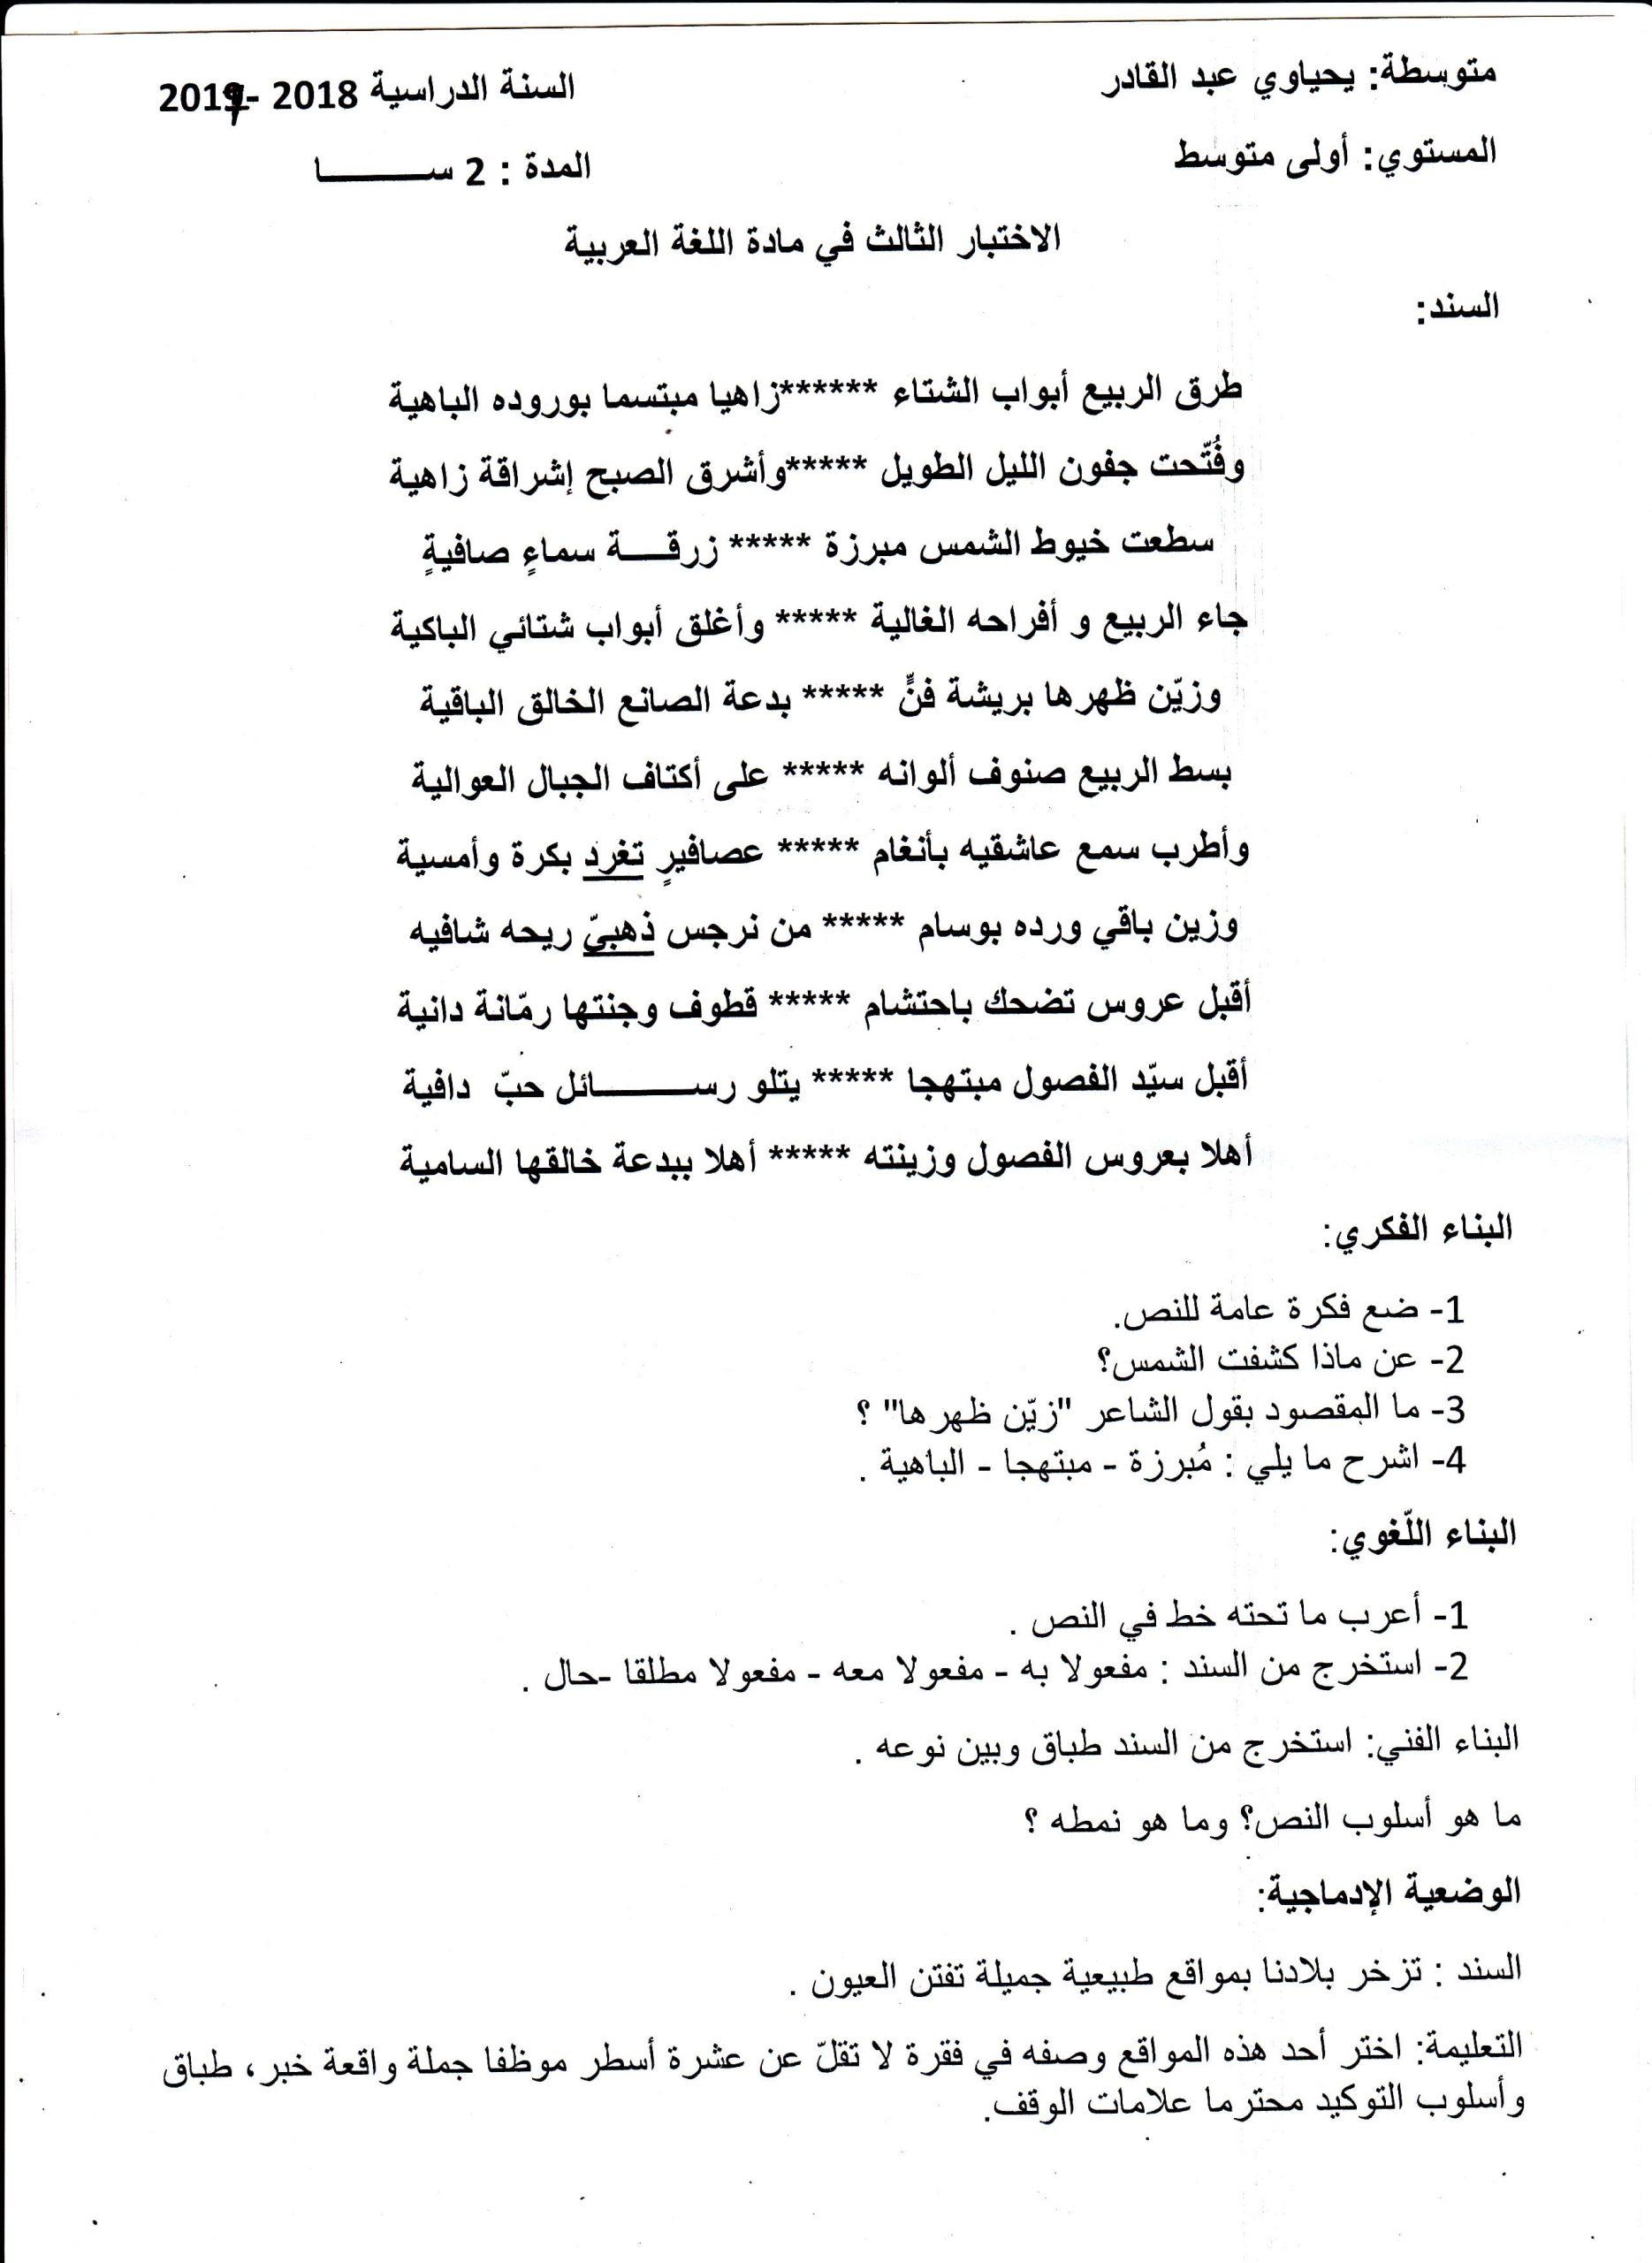 اختبار الفصل الثالث في اللغة العربية للسنة الأولى متوسط - الموضوع 02